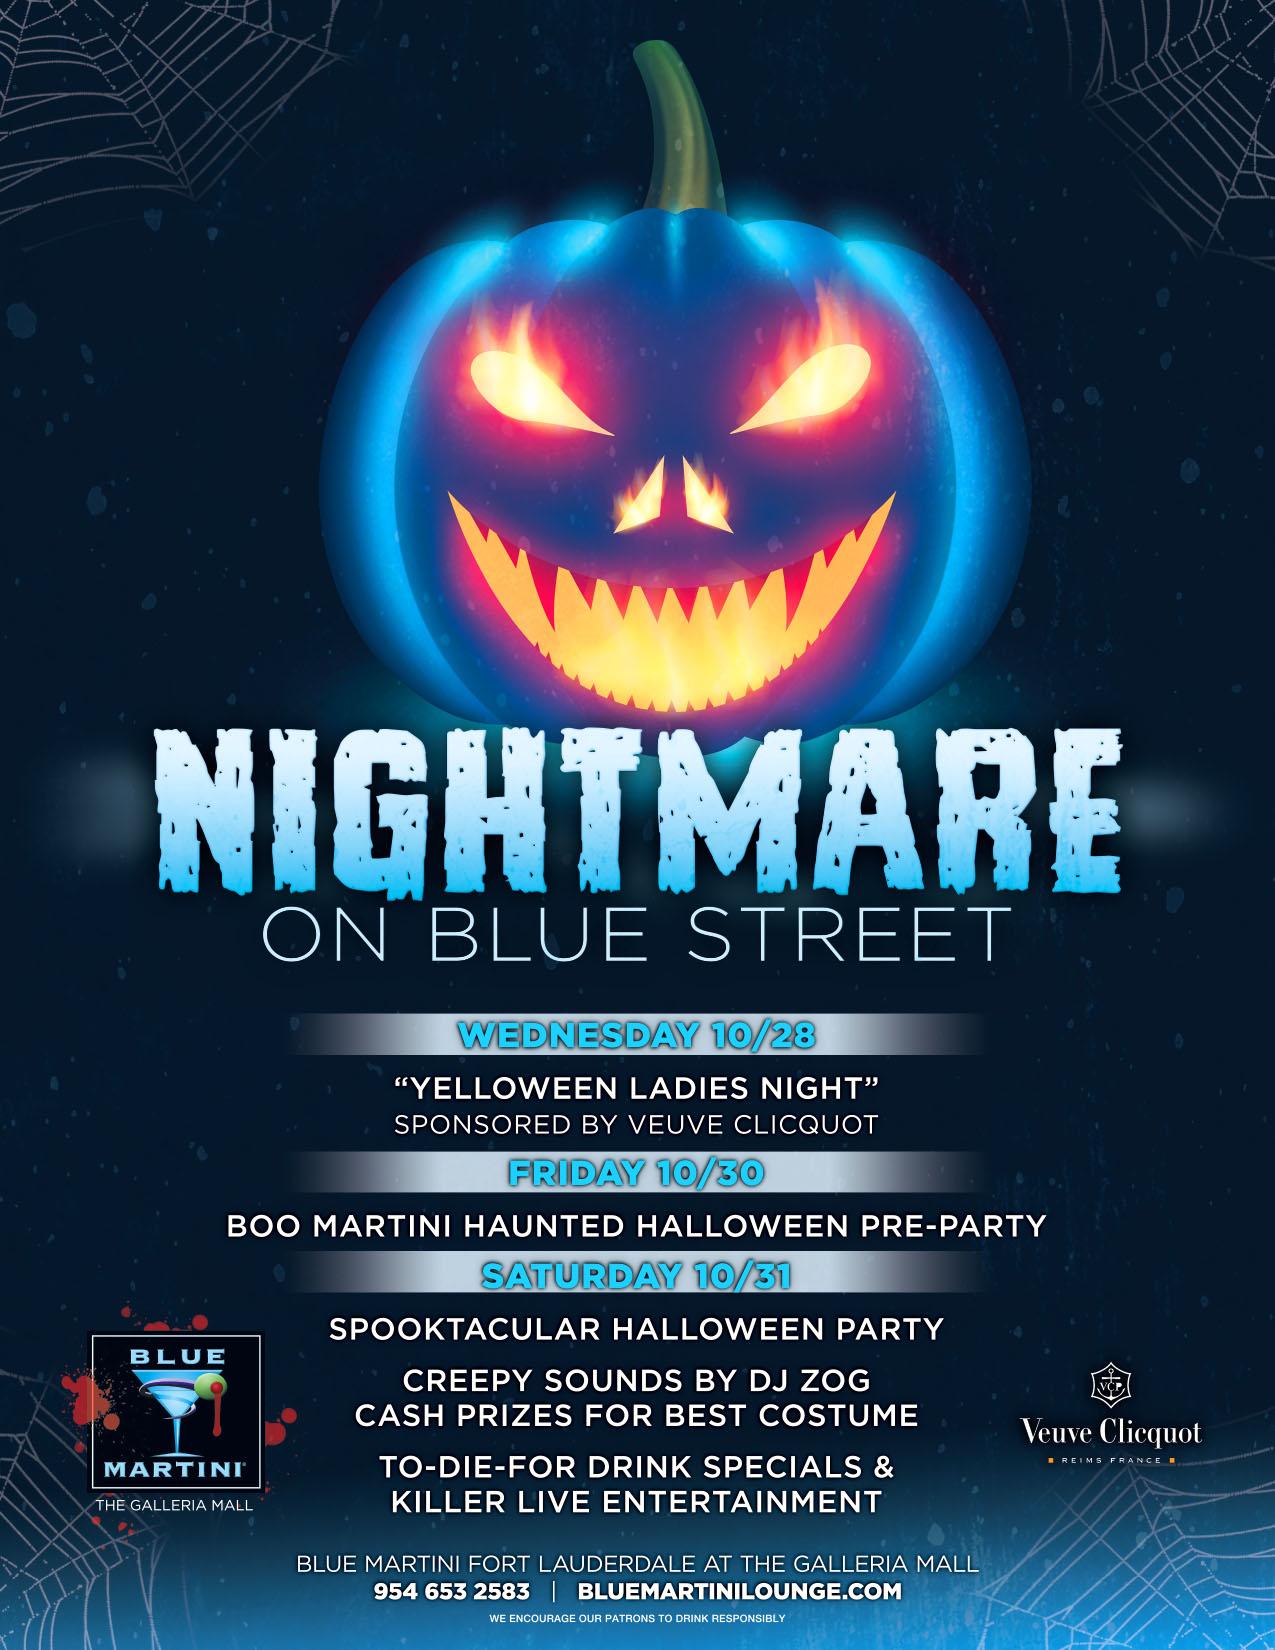 FTL_Halloween_LTR_HR2.eps - Fort Lauderdale Bluemartini